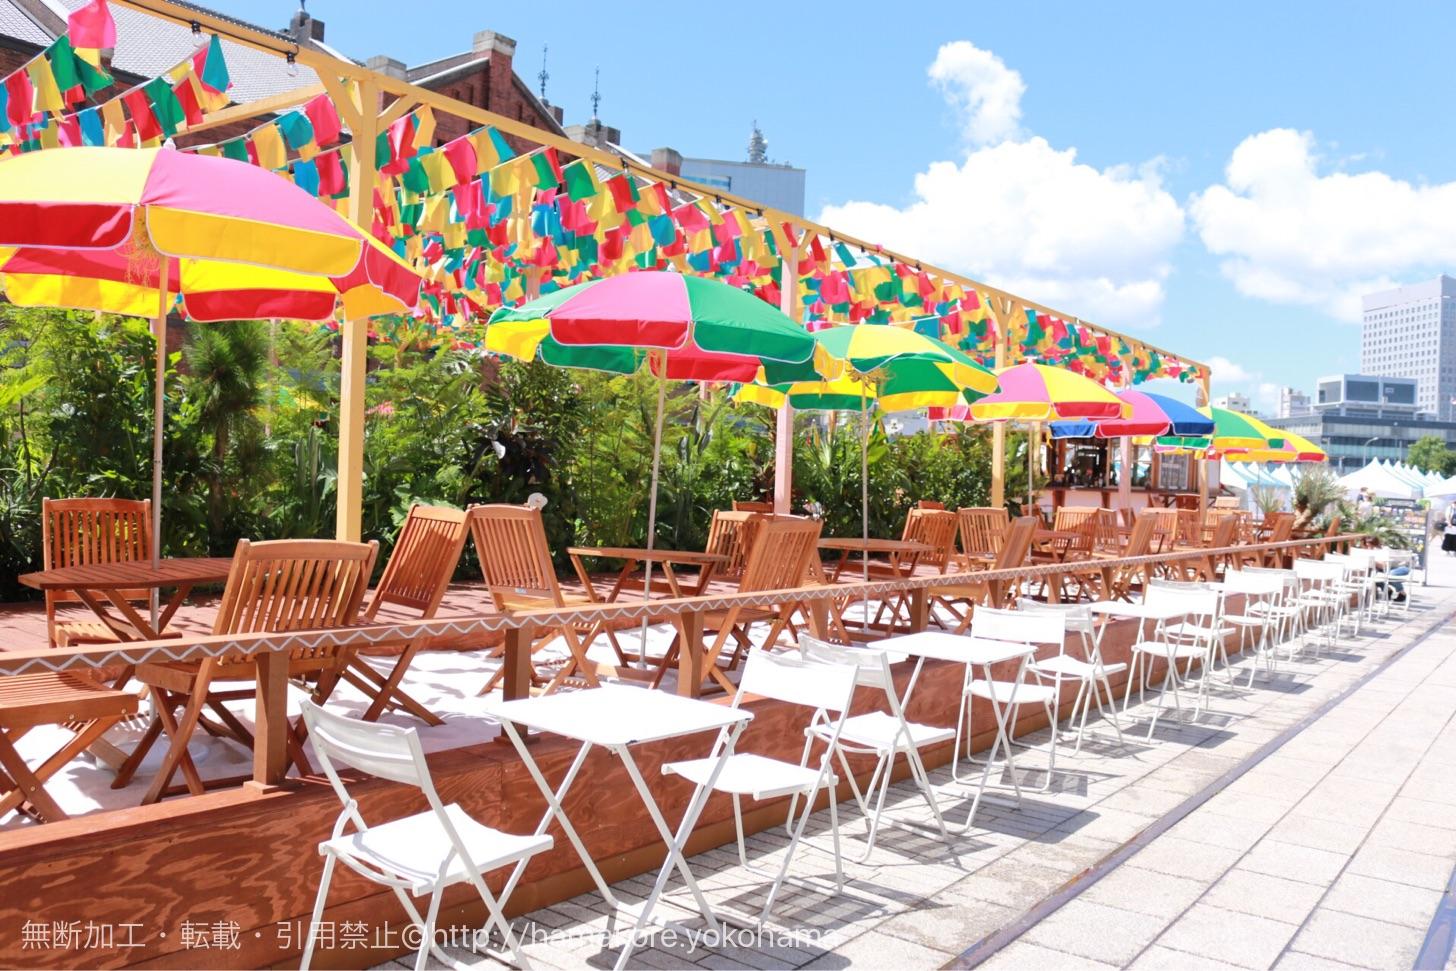 横浜赤レンガ倉庫の白浜ビーチを徹底紹介!話題の中南米リゾートイベントがいよいよ開催